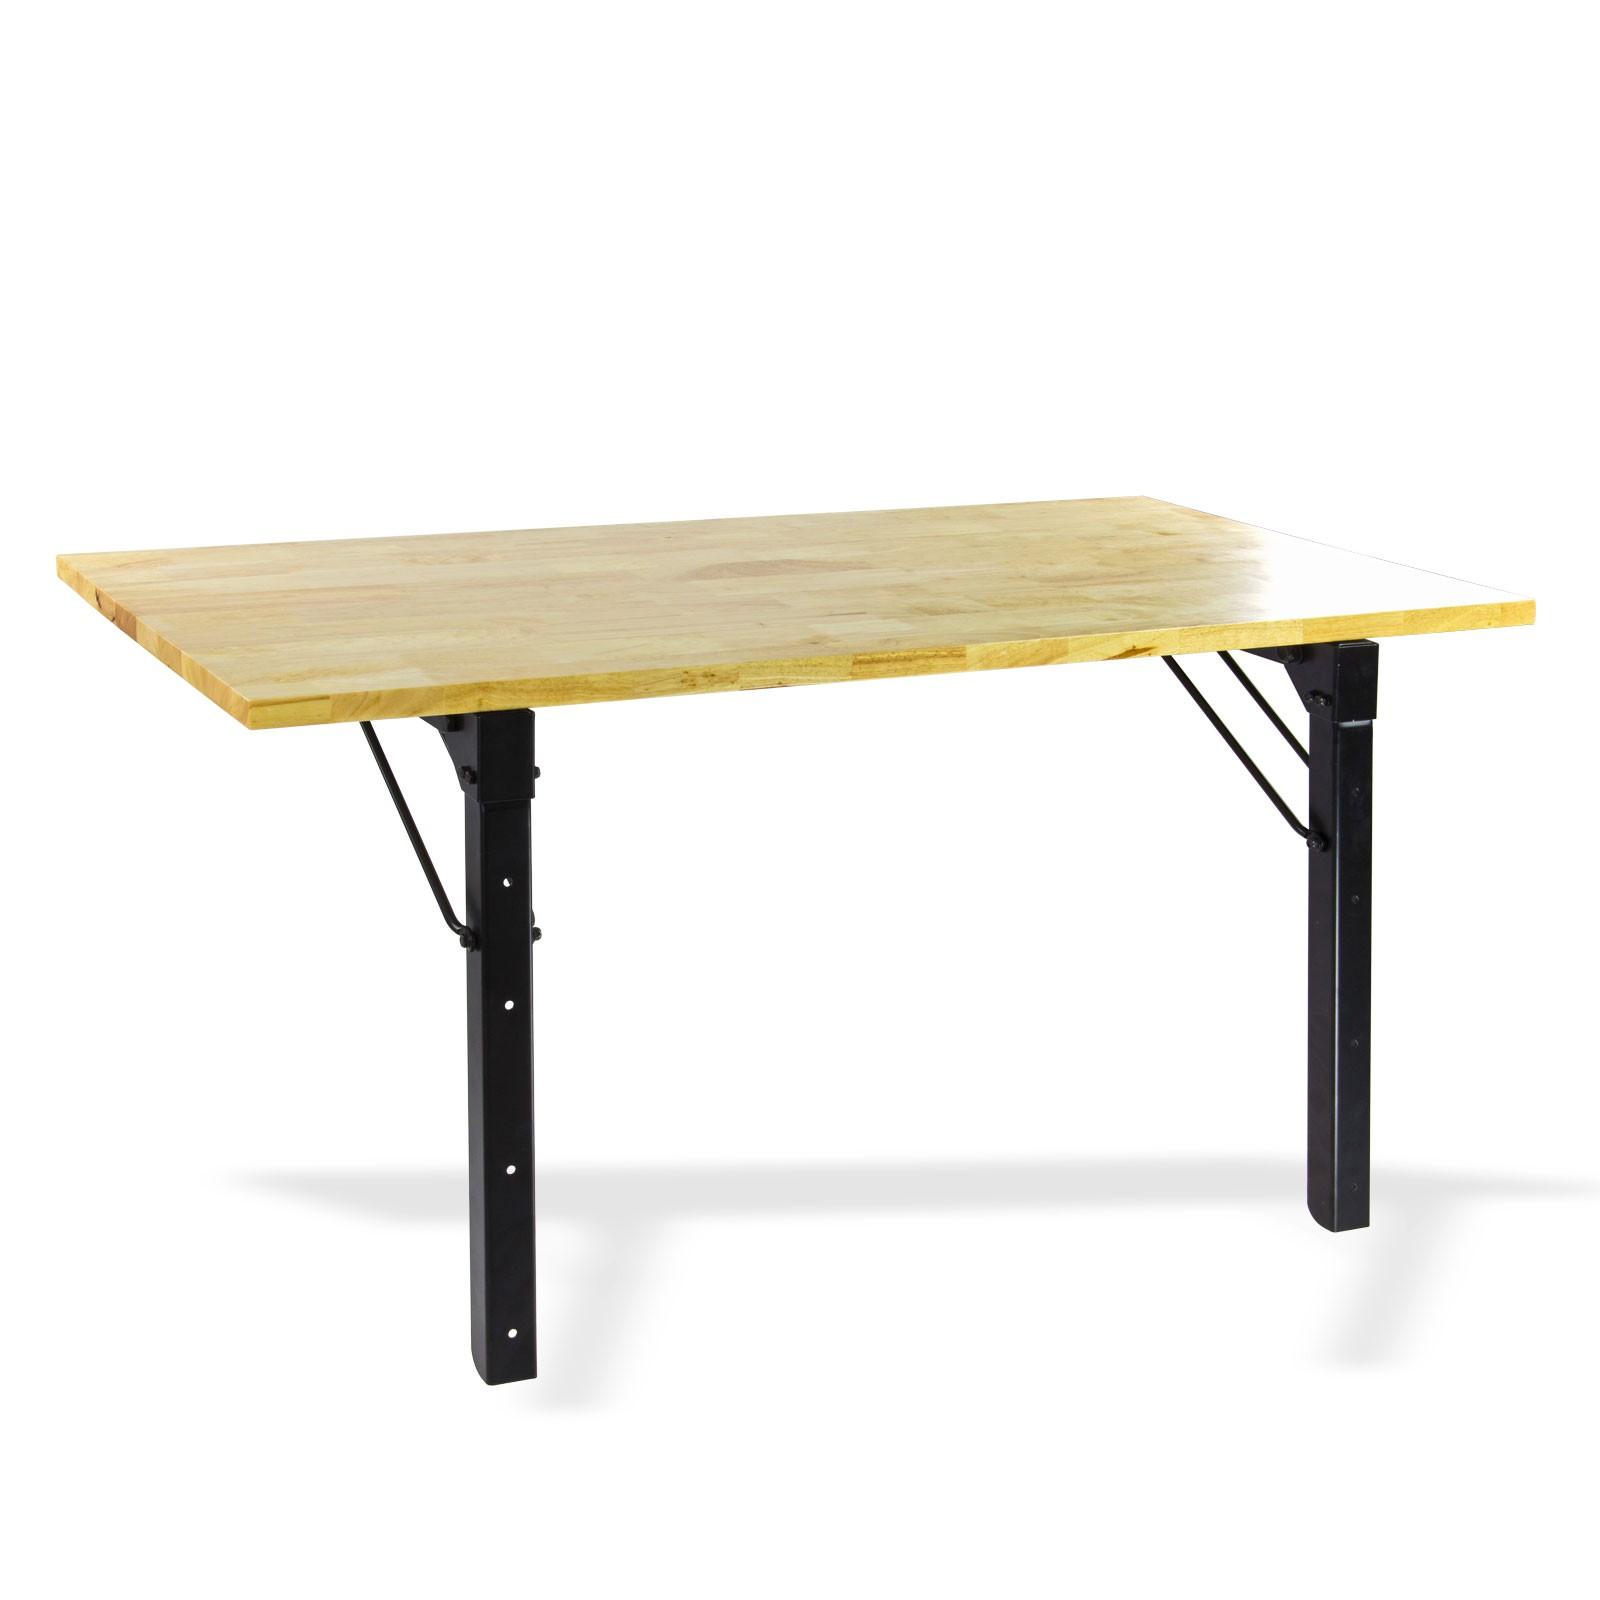 Relativ Universal Holz Eukalyptus Klapptisch Tisch Wand klappbar KJ93